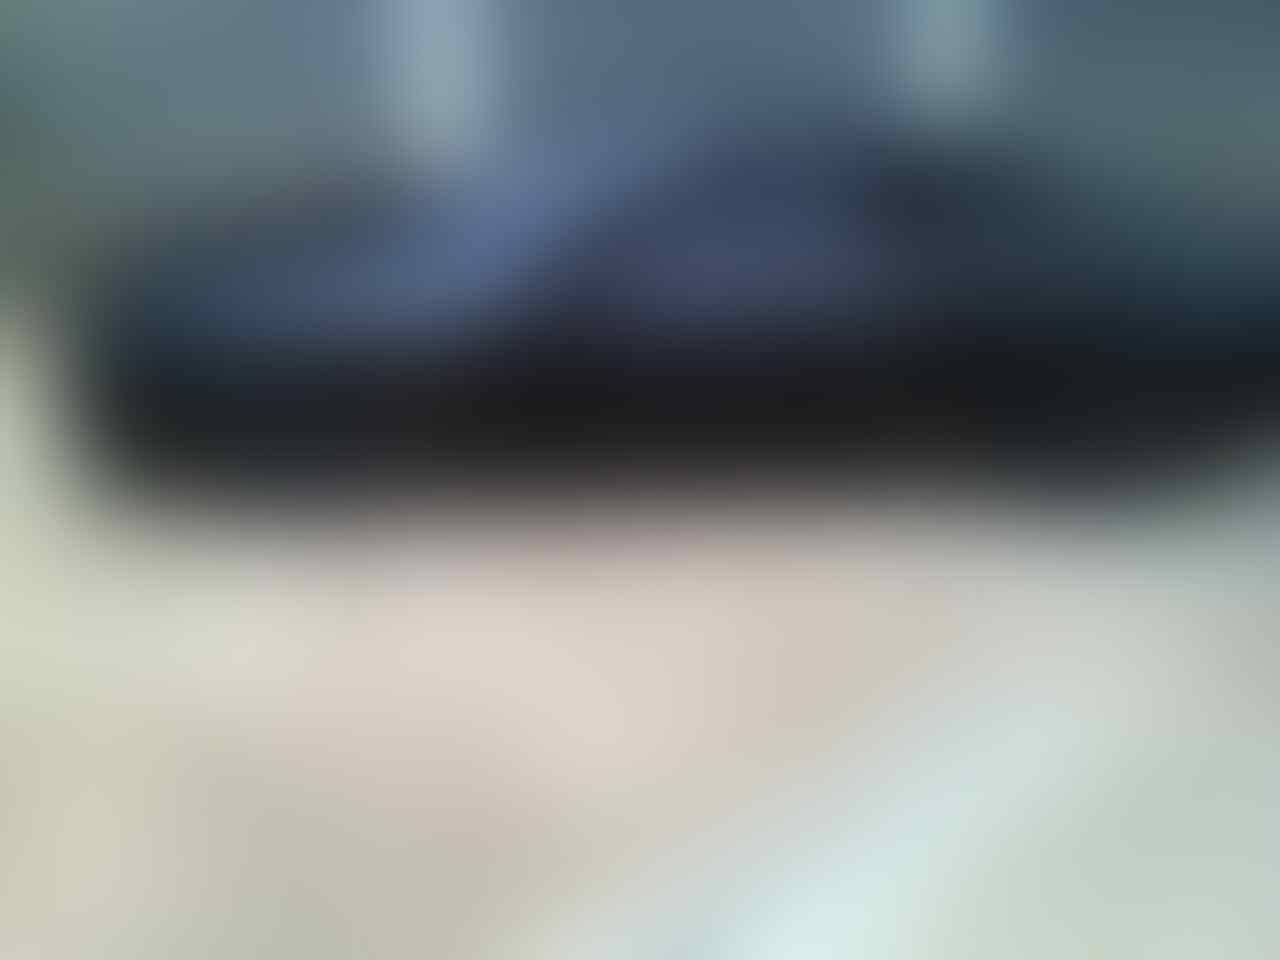 [JUAL CEPAT] HONDA ACCORD CIELO 1995 (BLACK) KEREN DAN MURAH GAN!